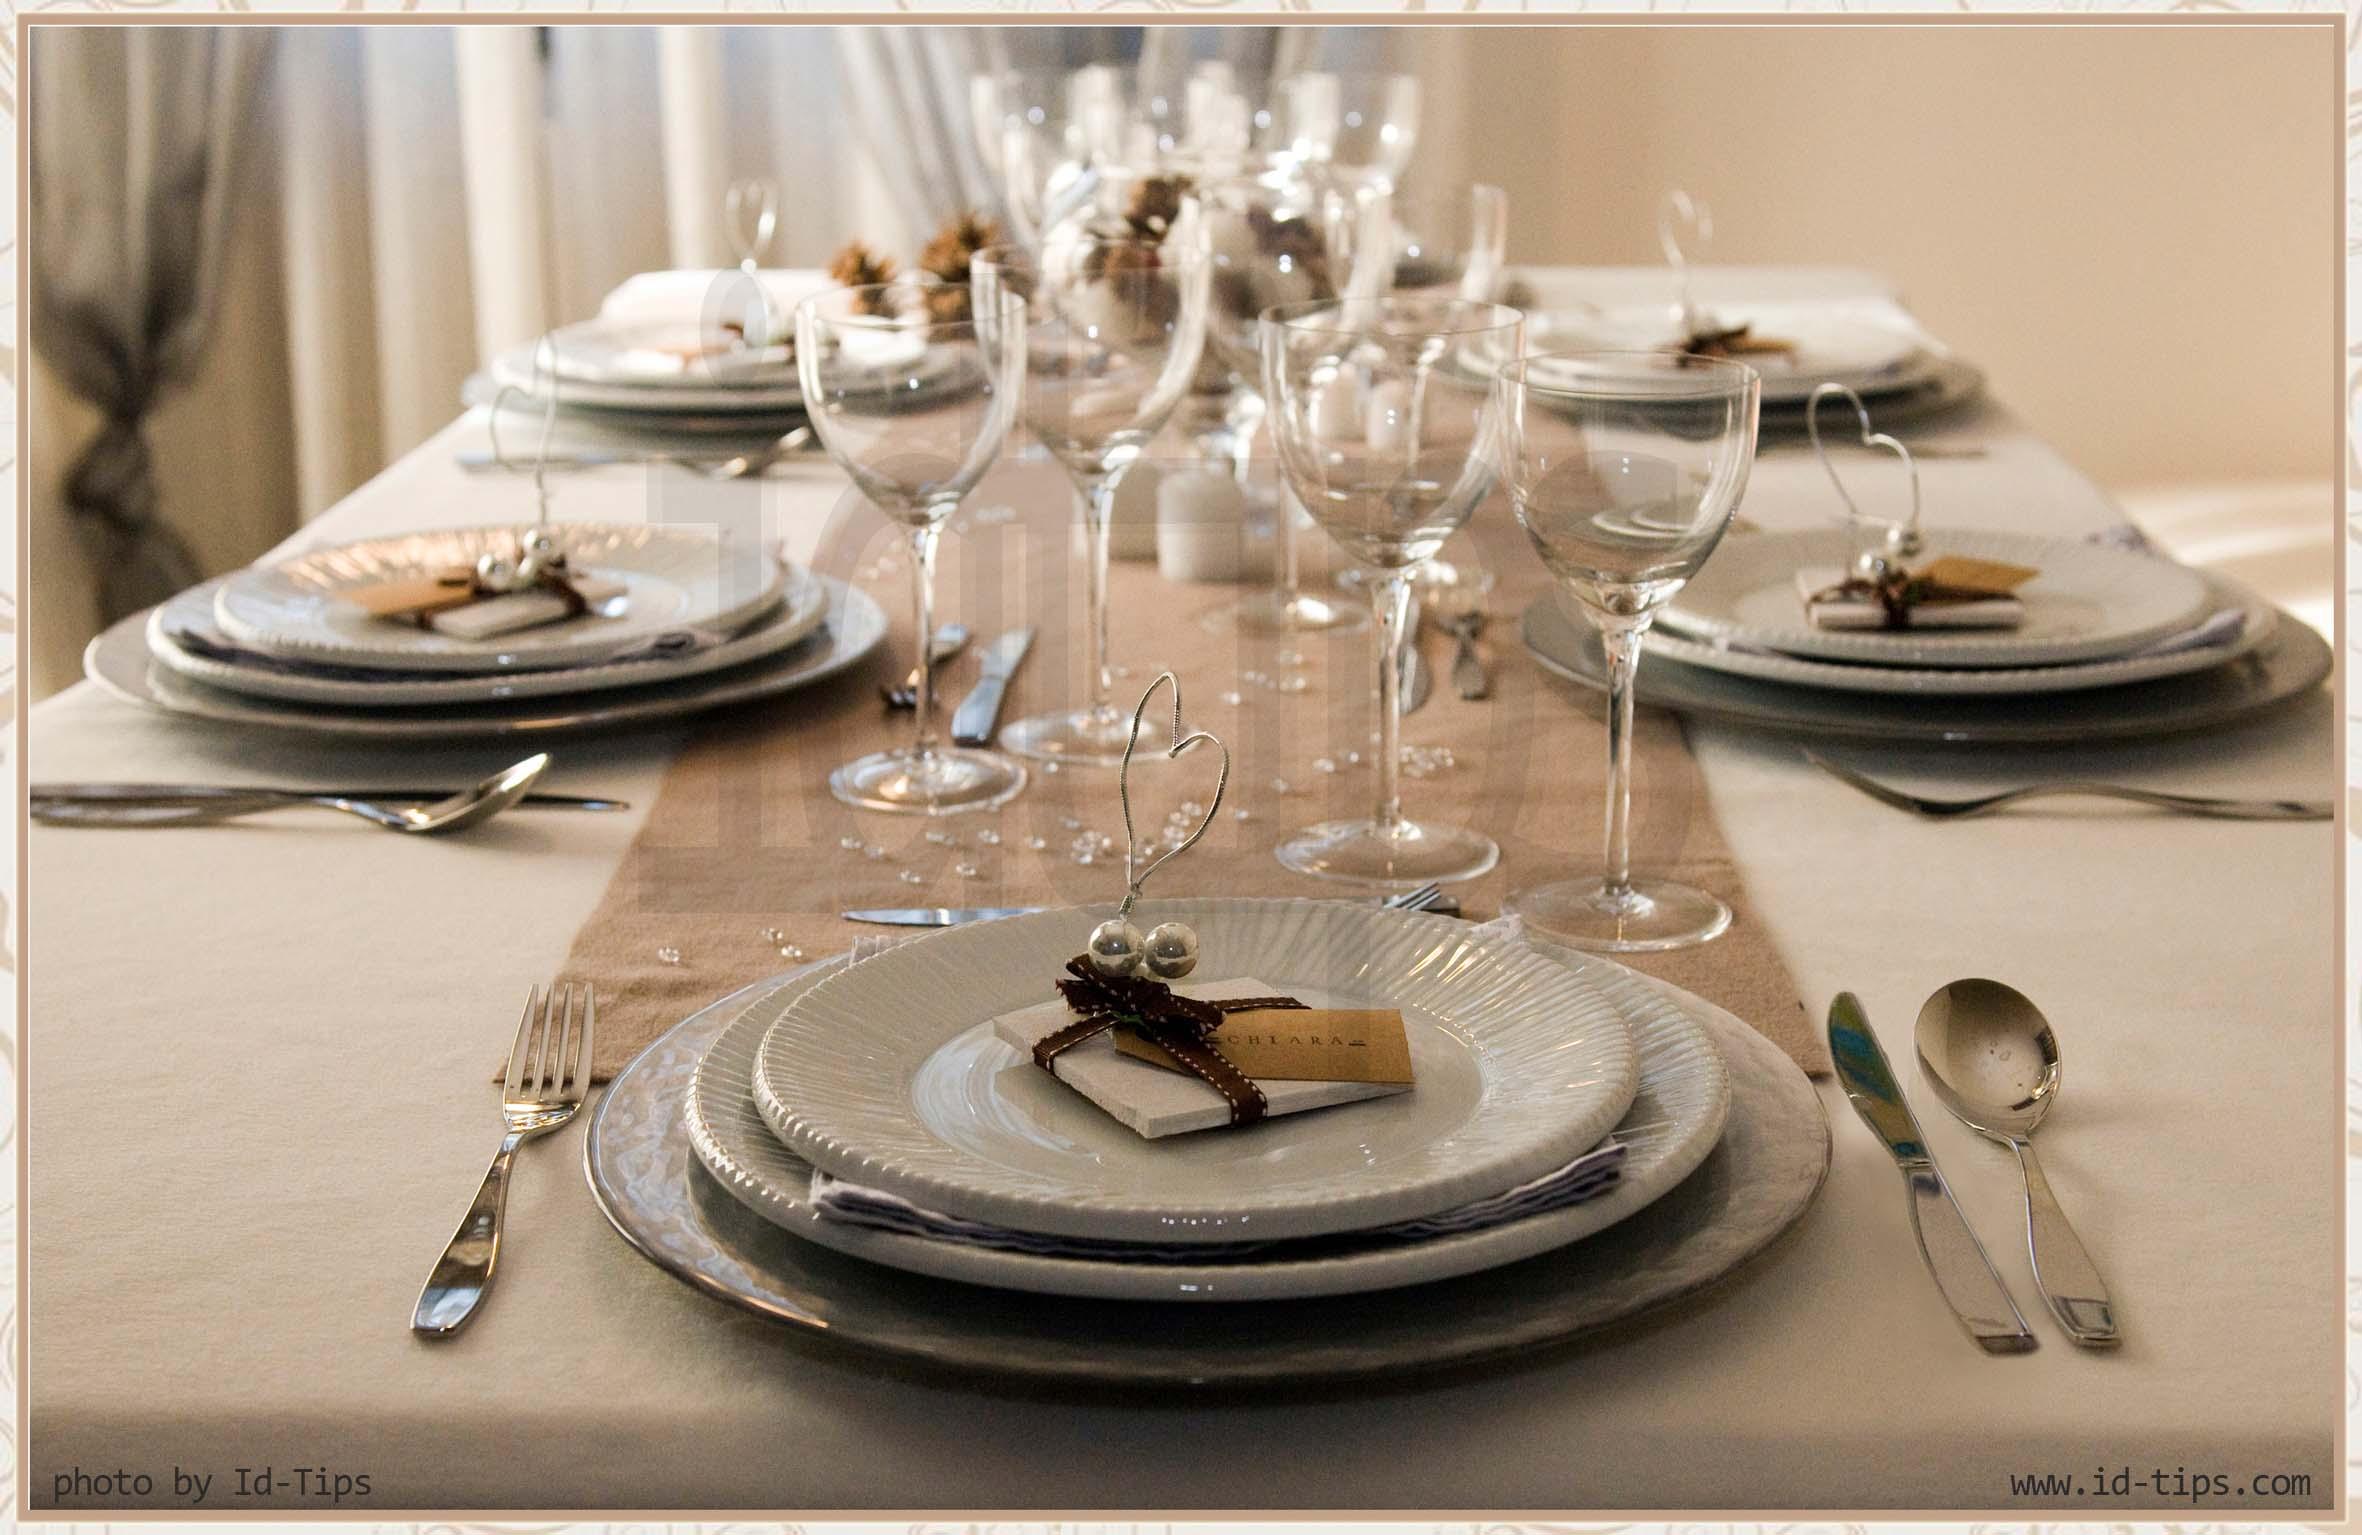 Apparecchiare la tavola mamme magazine - Apparecchiare una tavola elegante ...